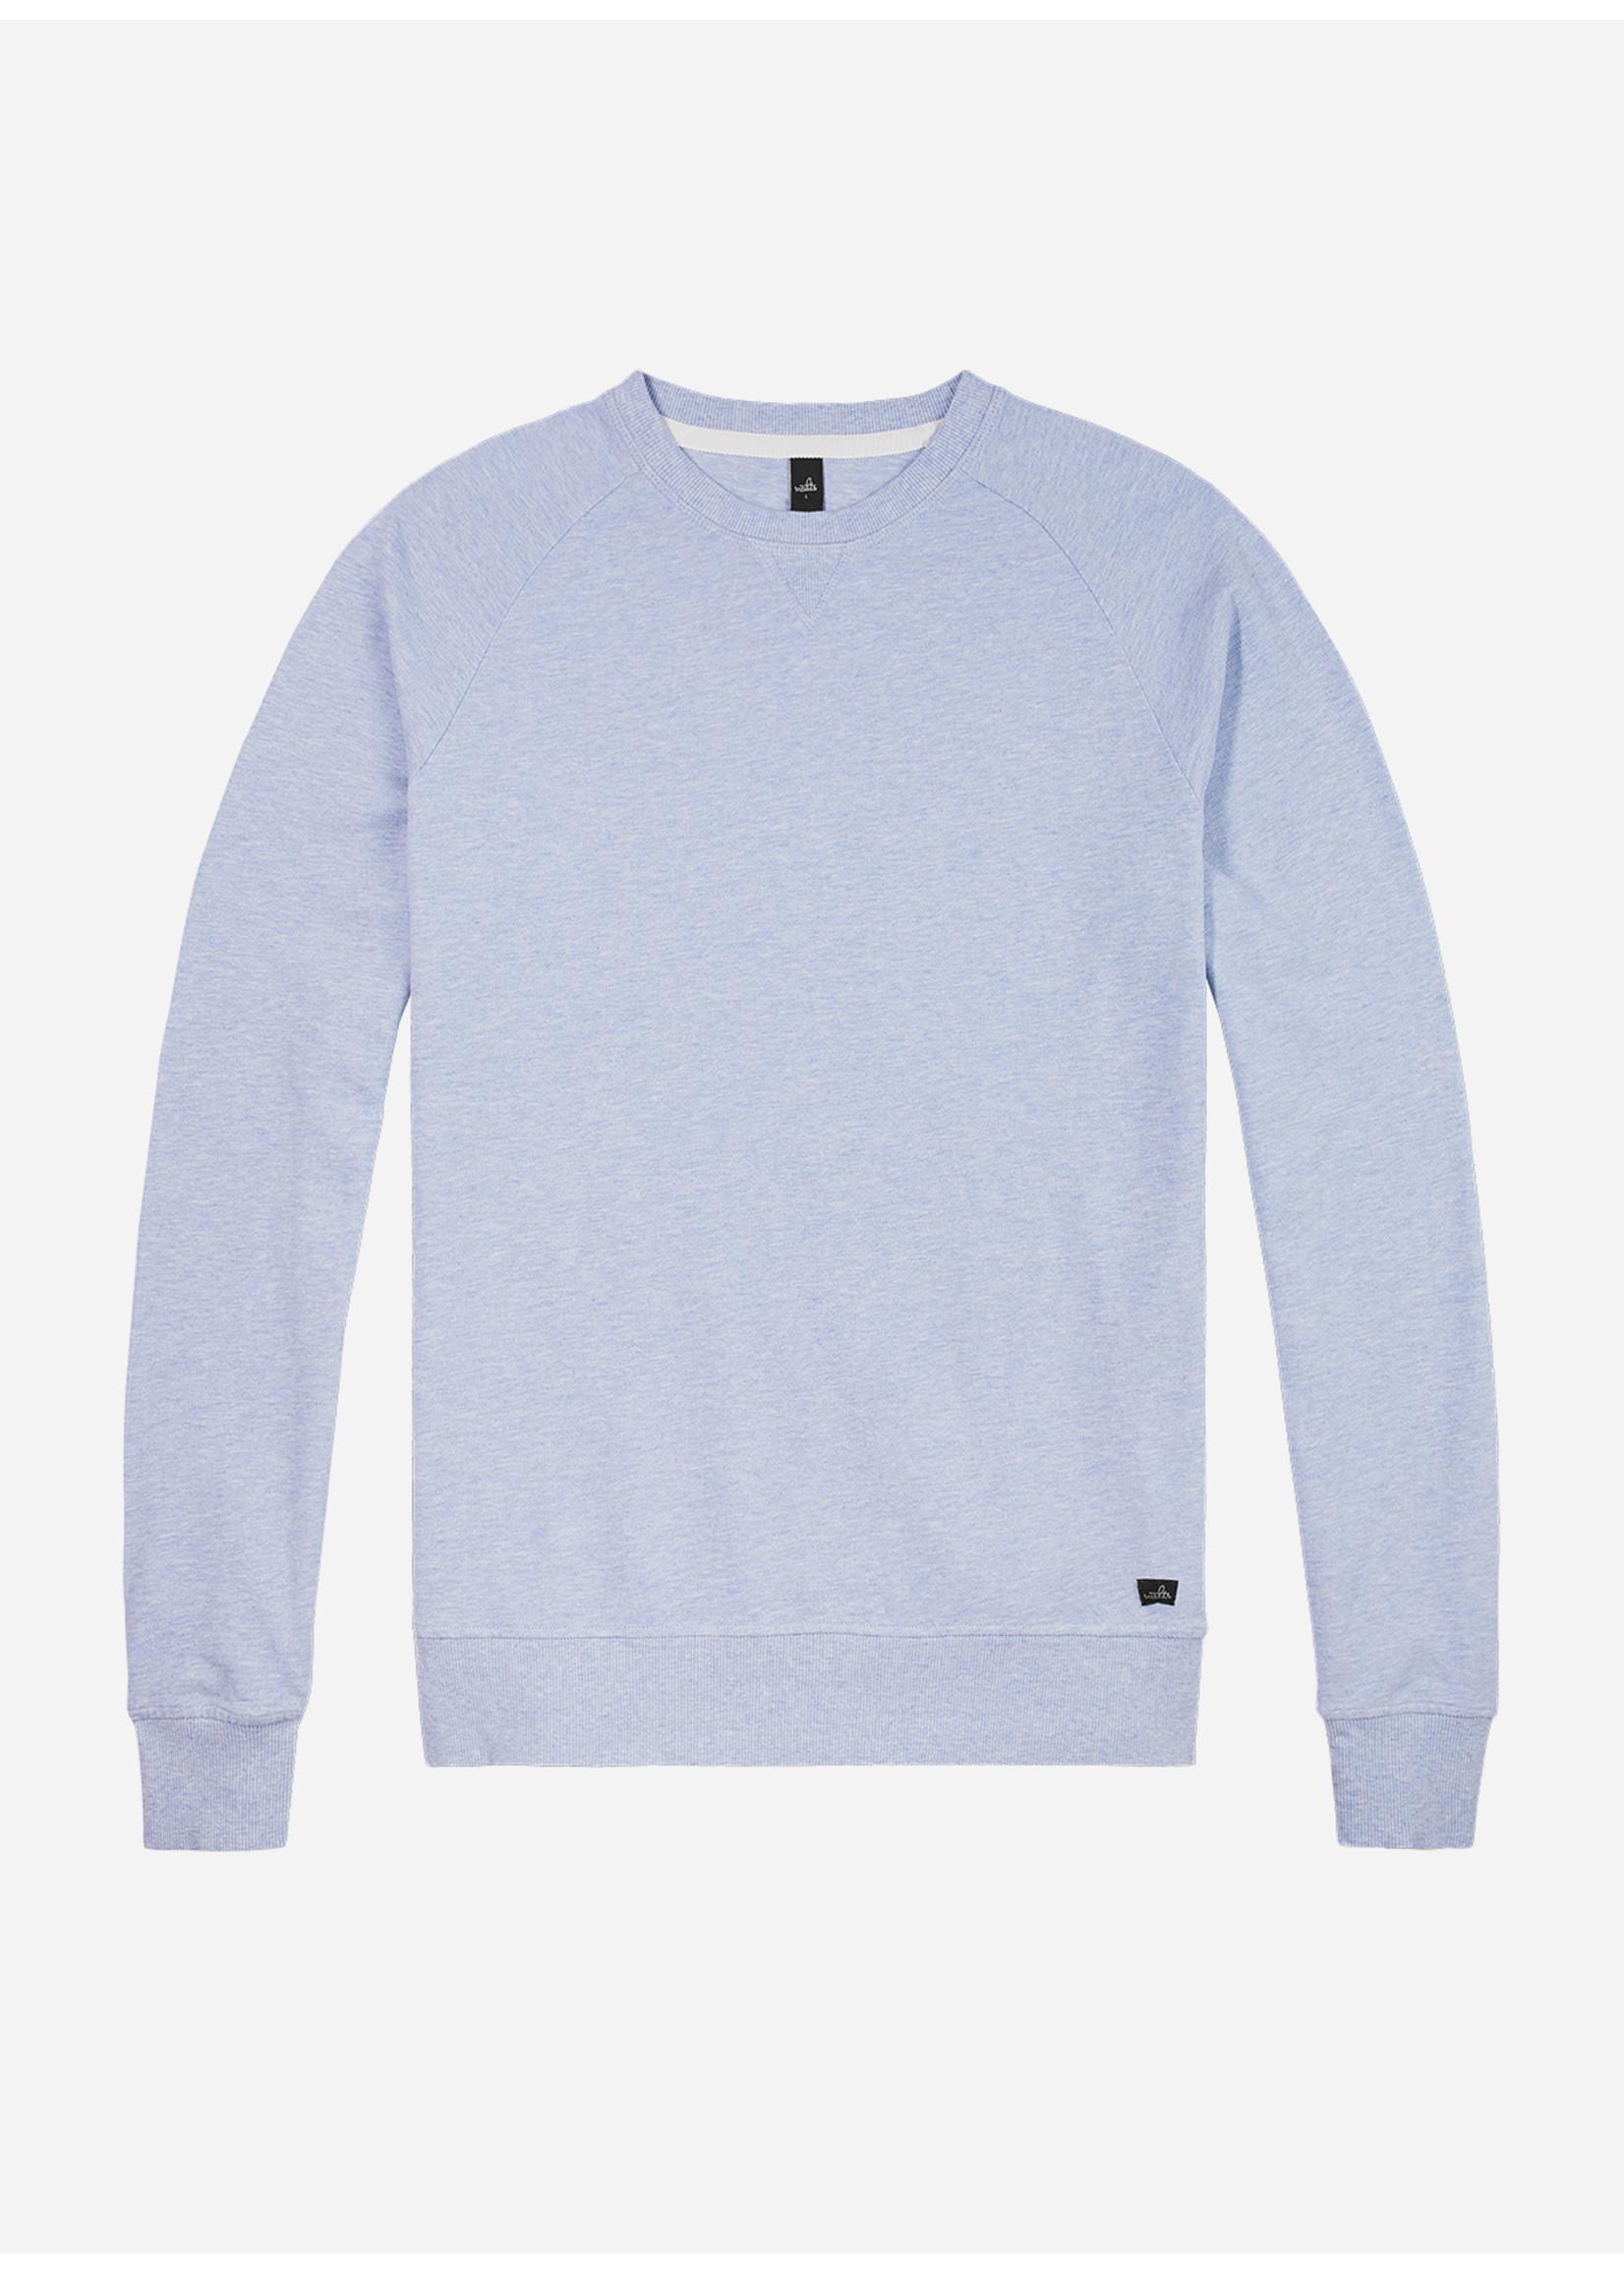 Wahts Rowe piqué crew neck sweater light blue melange